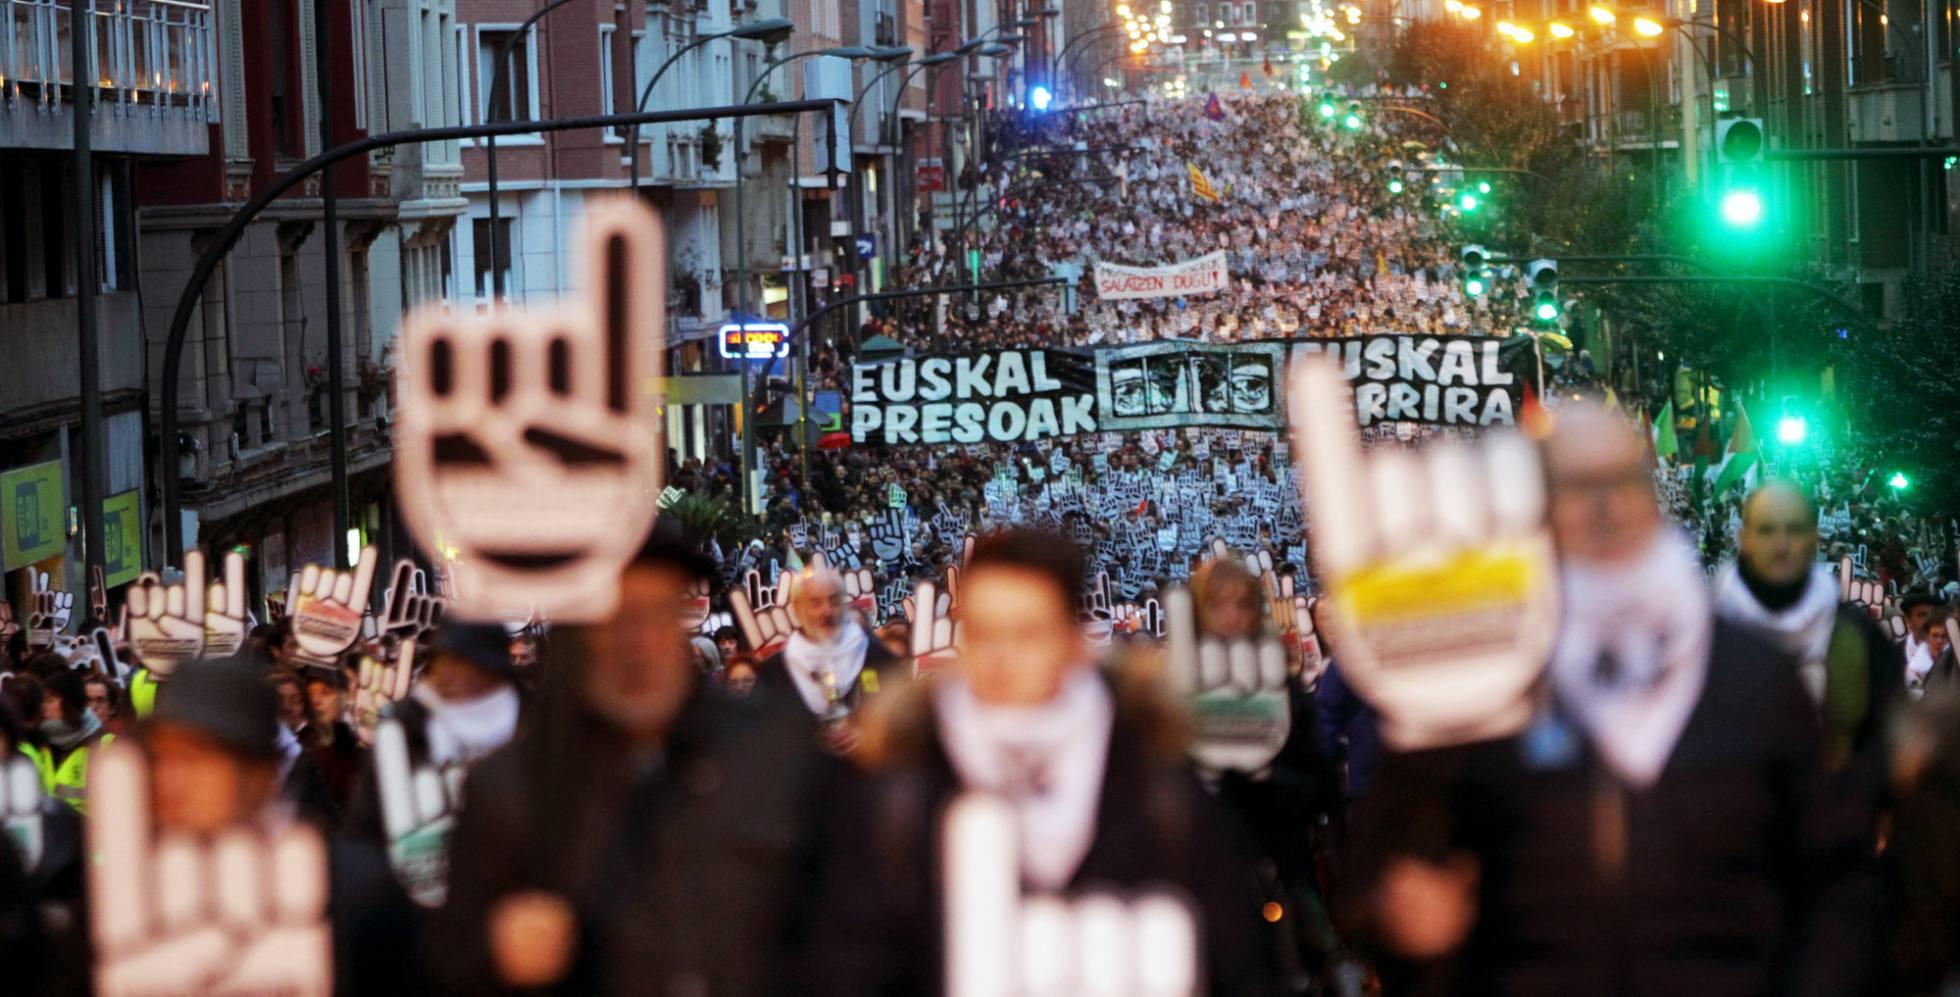 """Euskal Herria: Una multitud exige """"respeto a los derechos"""" de presos y exiliados. [vídeo] - Página 3 1484395523_677702_1484419887_noticia_normal_recorte1"""